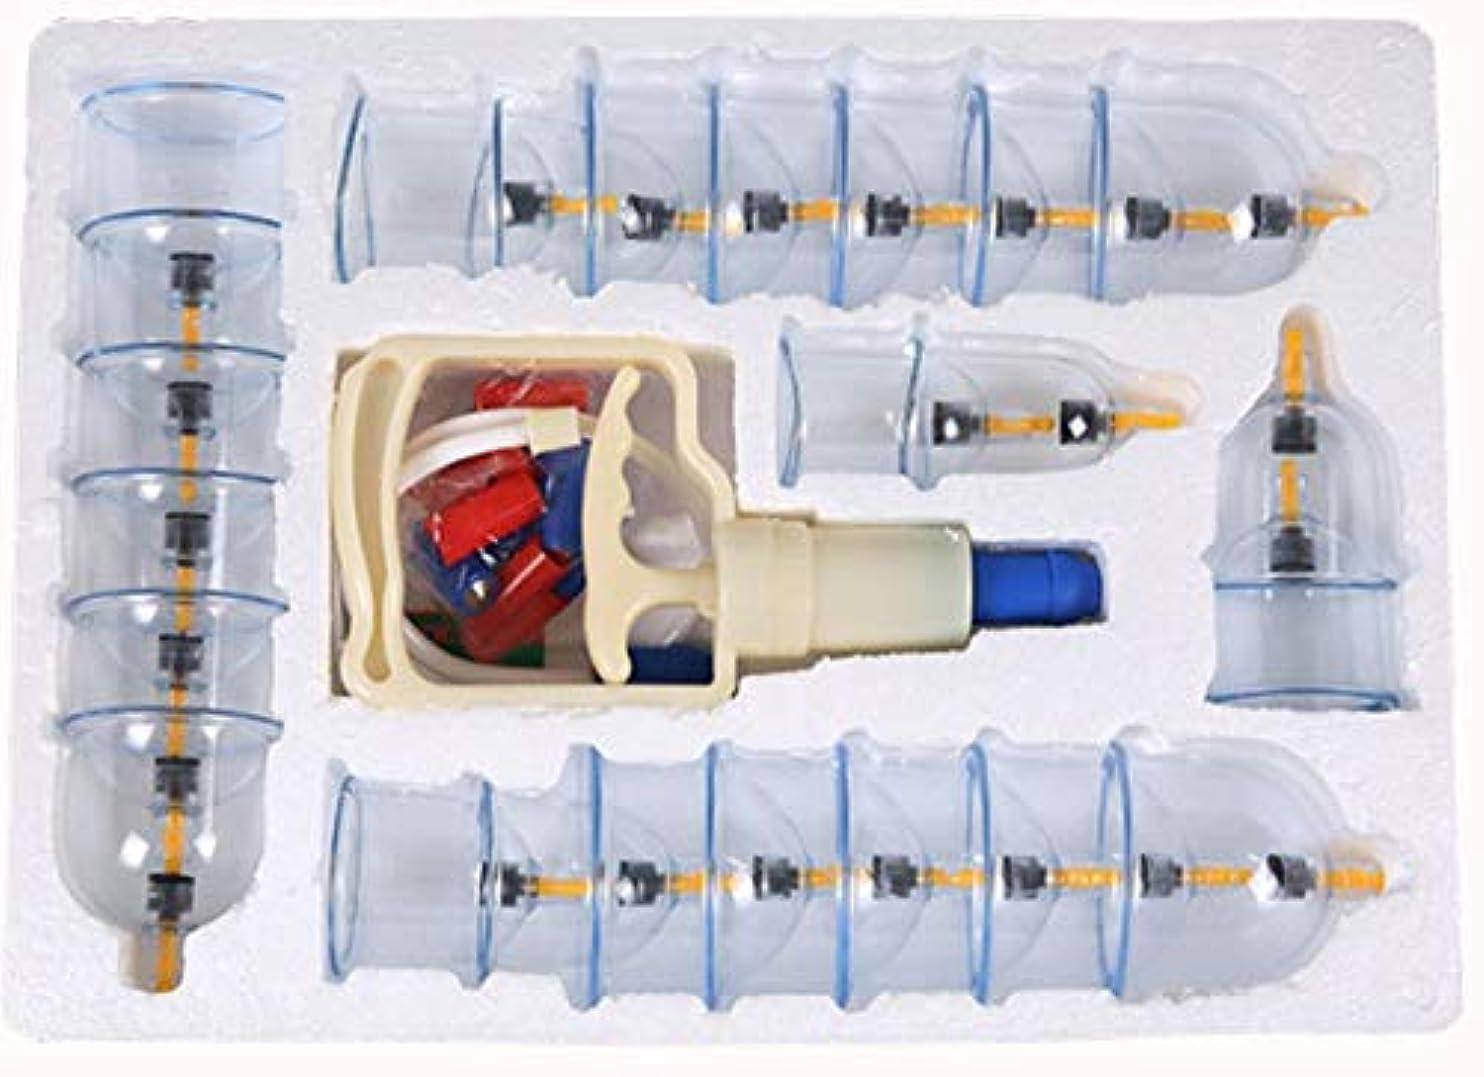 嫉妬例示する従事する(ラフマトーン) カッピング 吸い玉 大きいカップが多い 吸い玉 5種 24個セット 磁針 12個 関節用カップ付 脂肪吸引 自宅エステ